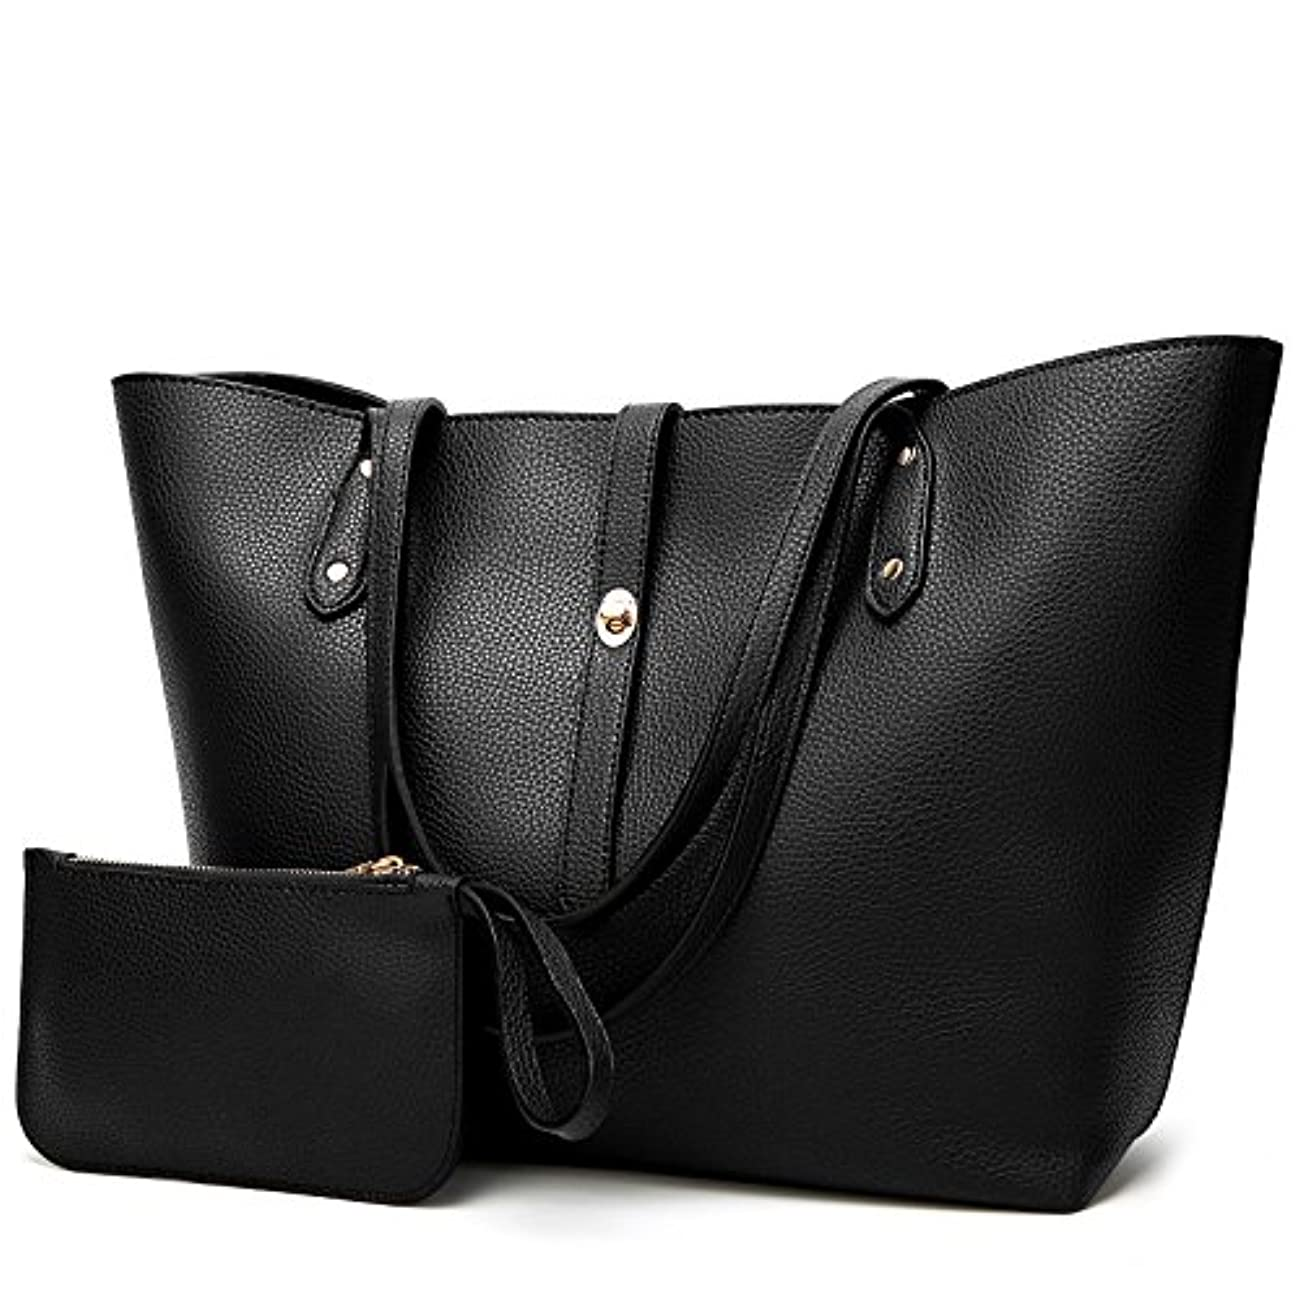 労働社会主義者受け入れ[TcIFE] ハンドバッグ レディース トートバッグ 大容量 無地 ショルダーバッグ 2way 財布とハンドバッグ